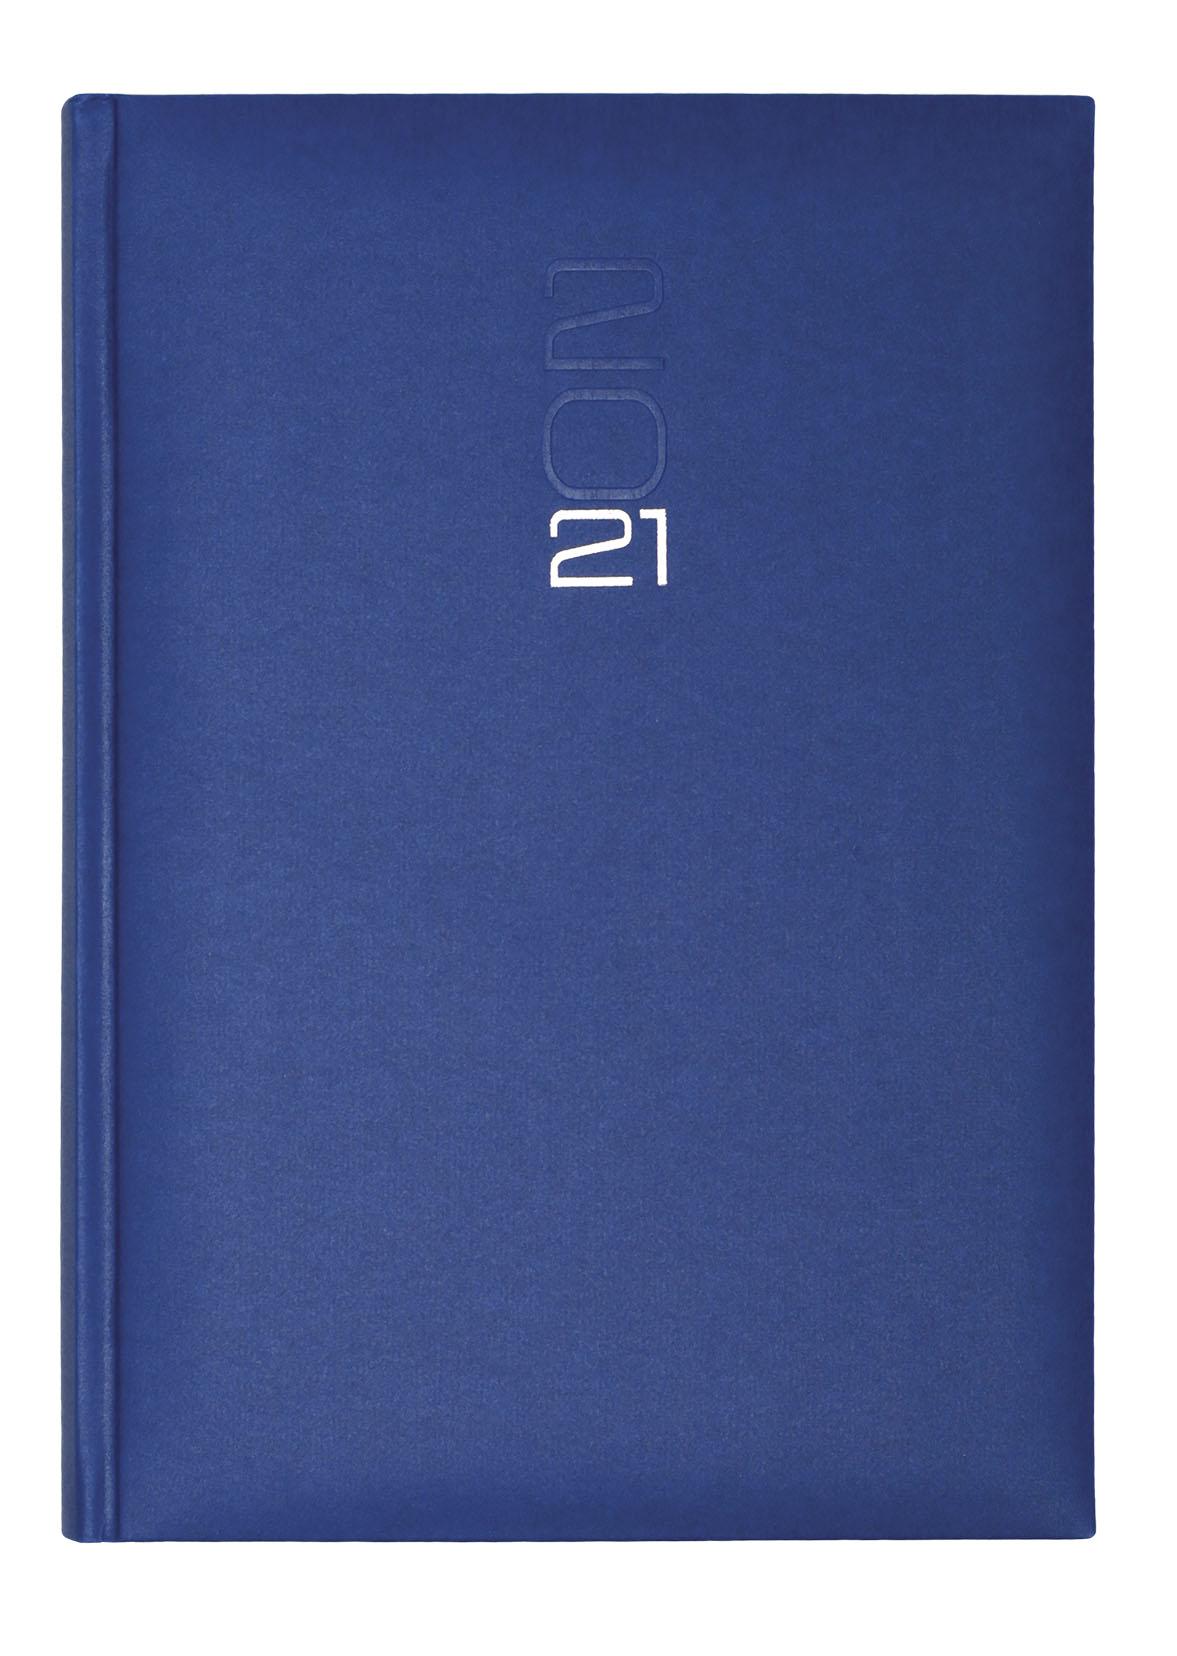 E11-Agenda Dia / 04-Matra / 557-Azul